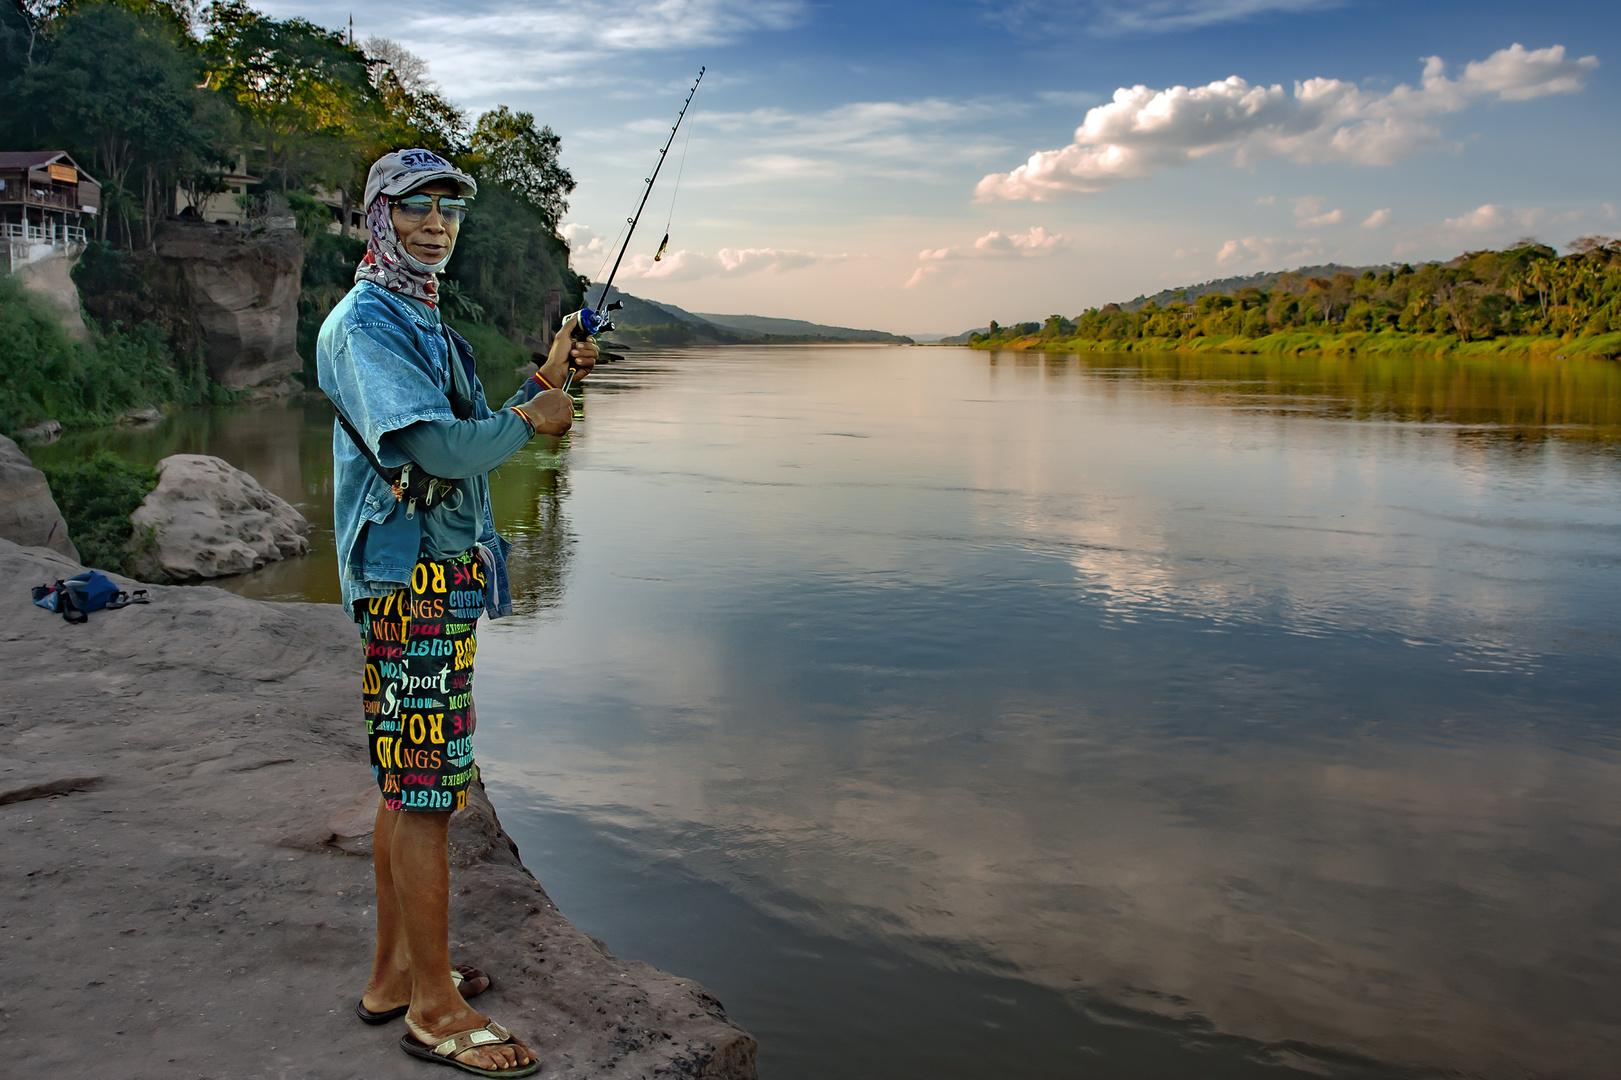 Fishing at the Mekong riverbank